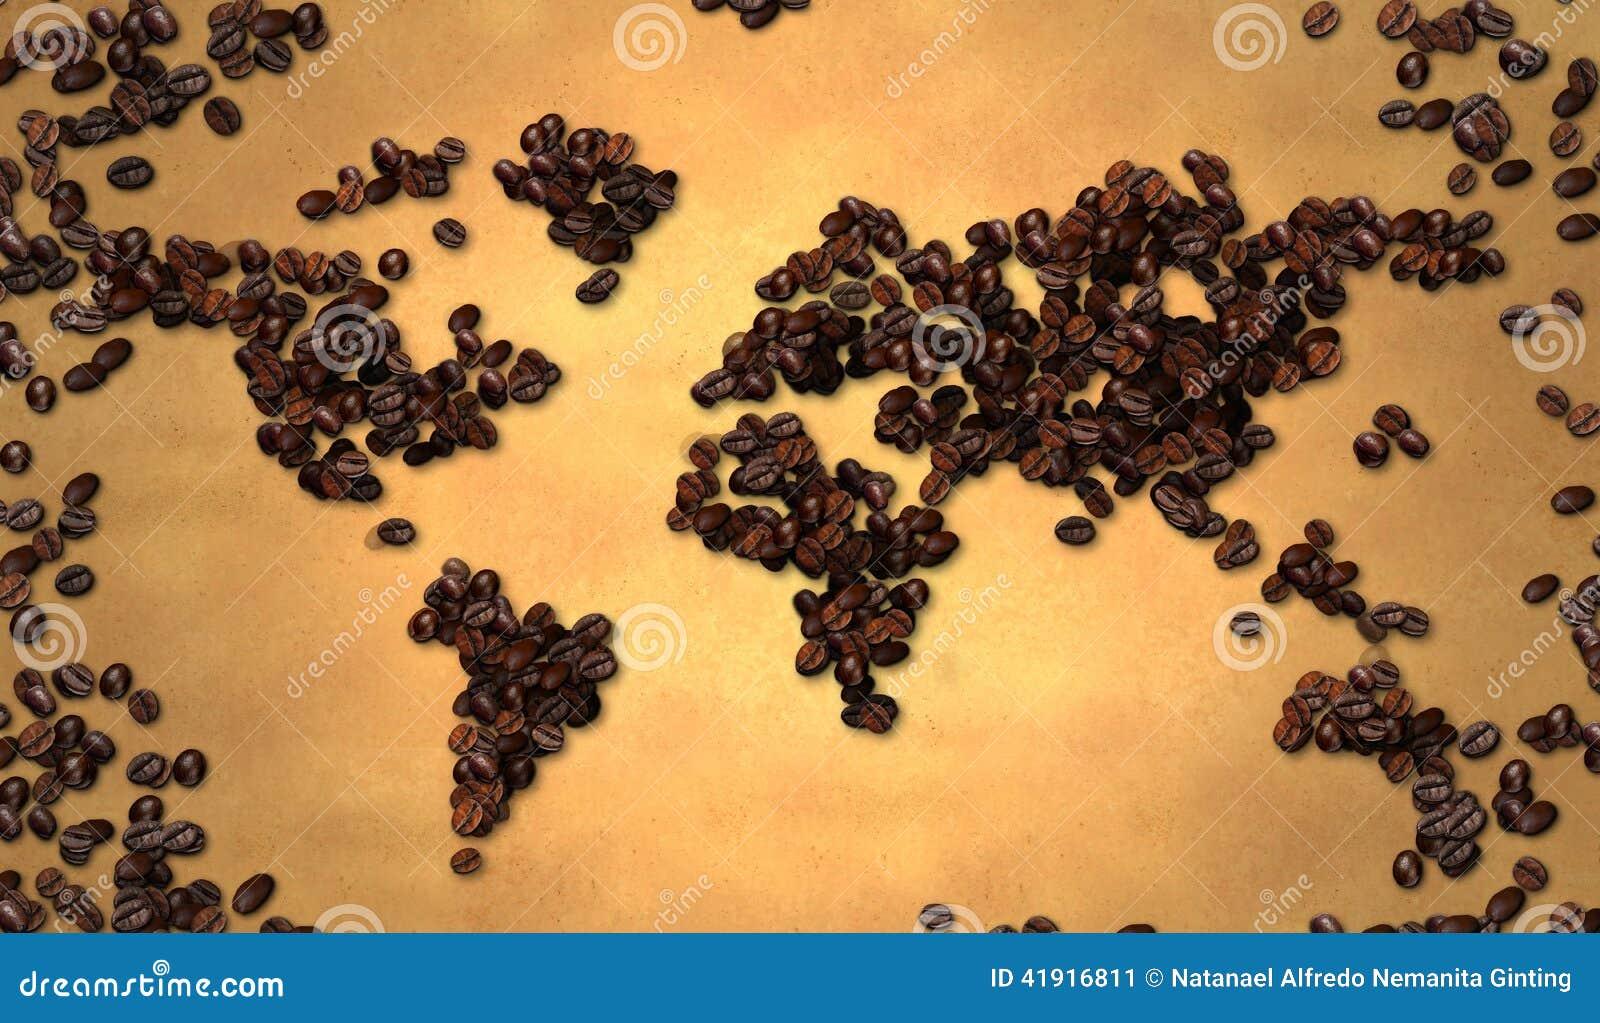 Grano de café del mapa del mundo en el papel viejo